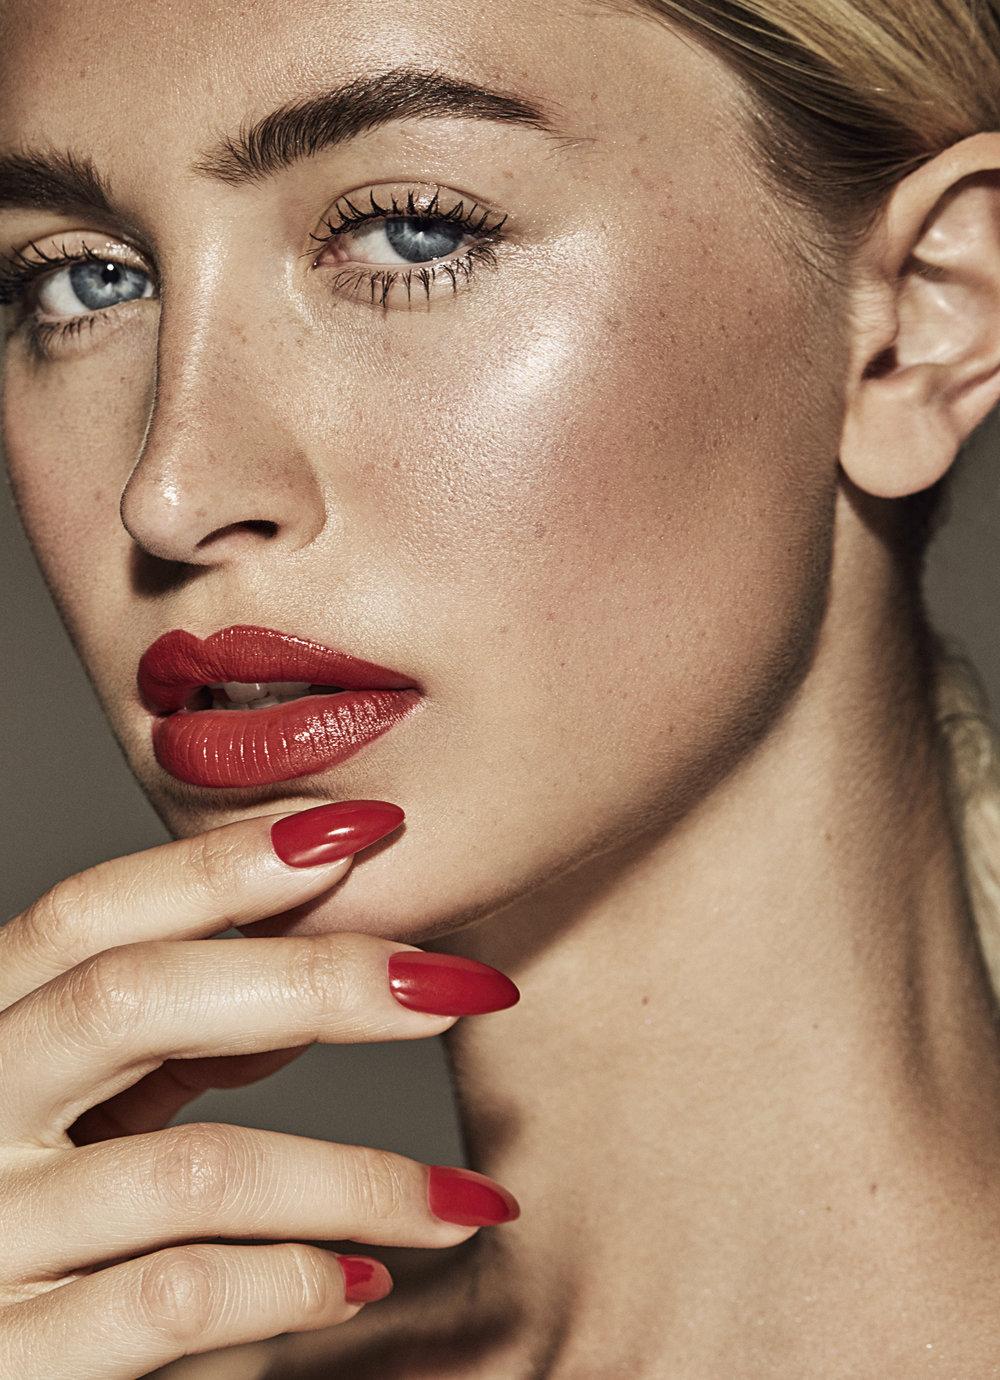 LipsNails_1_092_v2.jpg